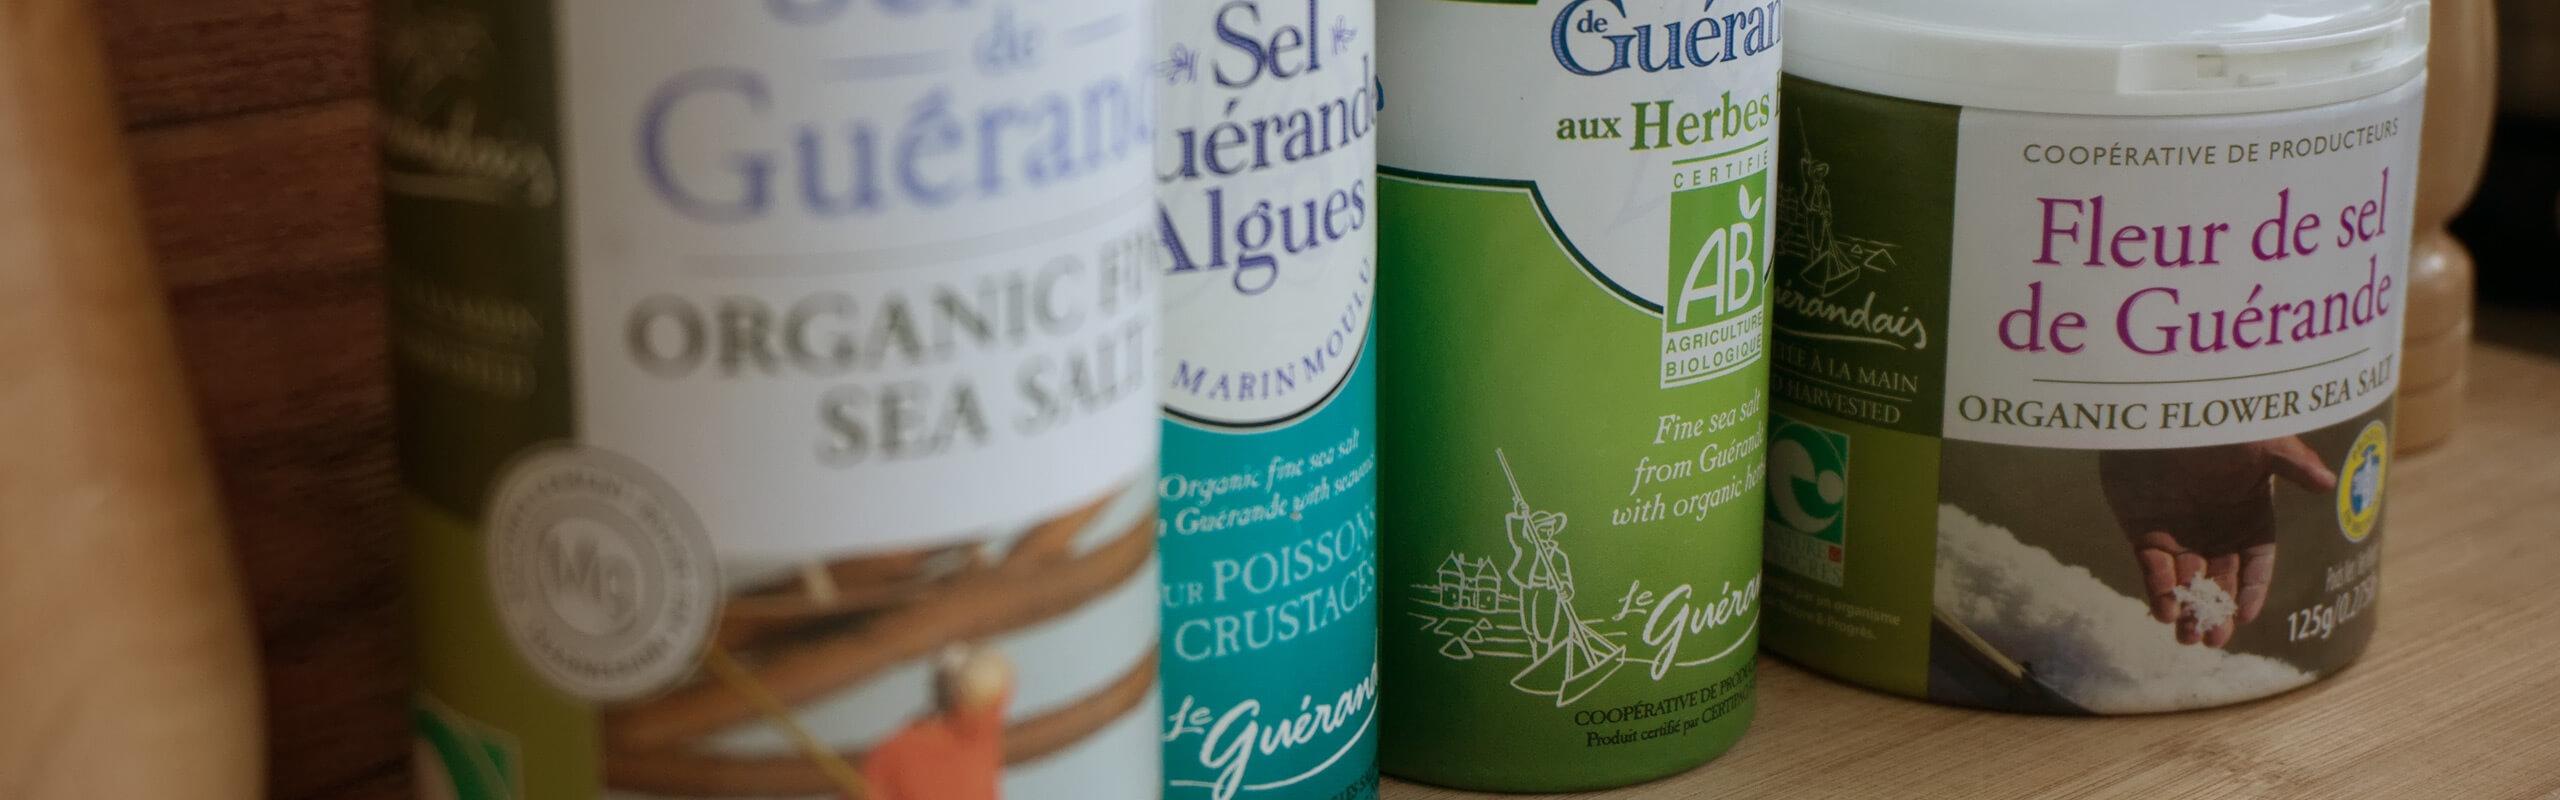 Сива келтска сол от бреговете на Франция